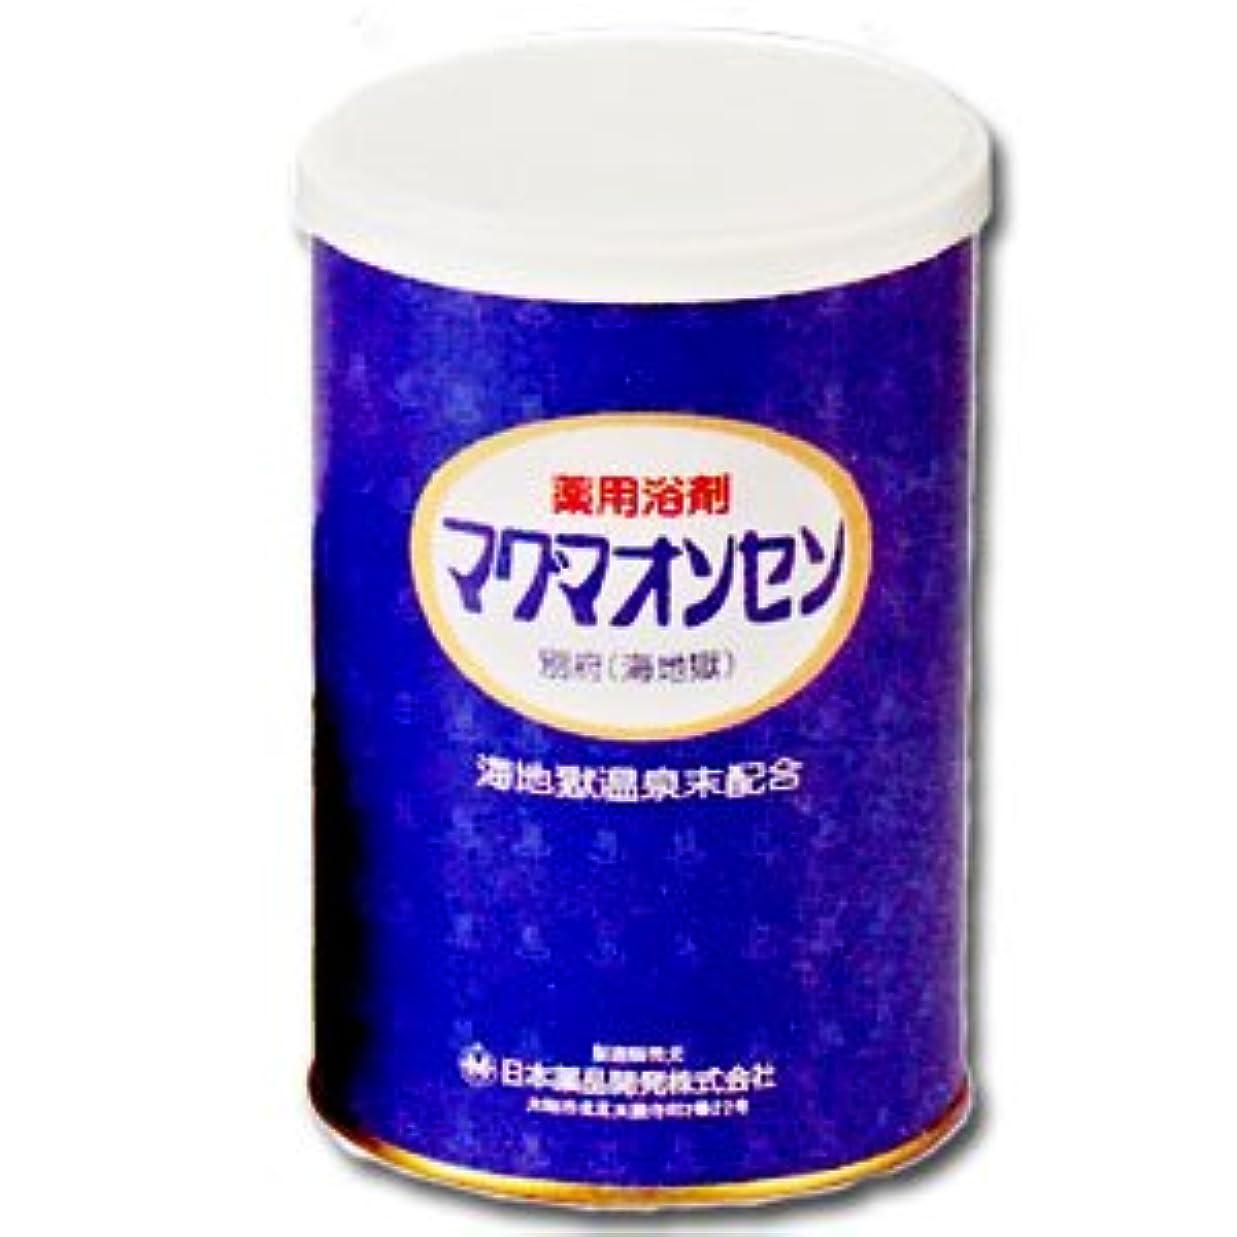 チョコレート時々時々流星薬用入浴剤 マグマオンセン(医薬部外品)500g